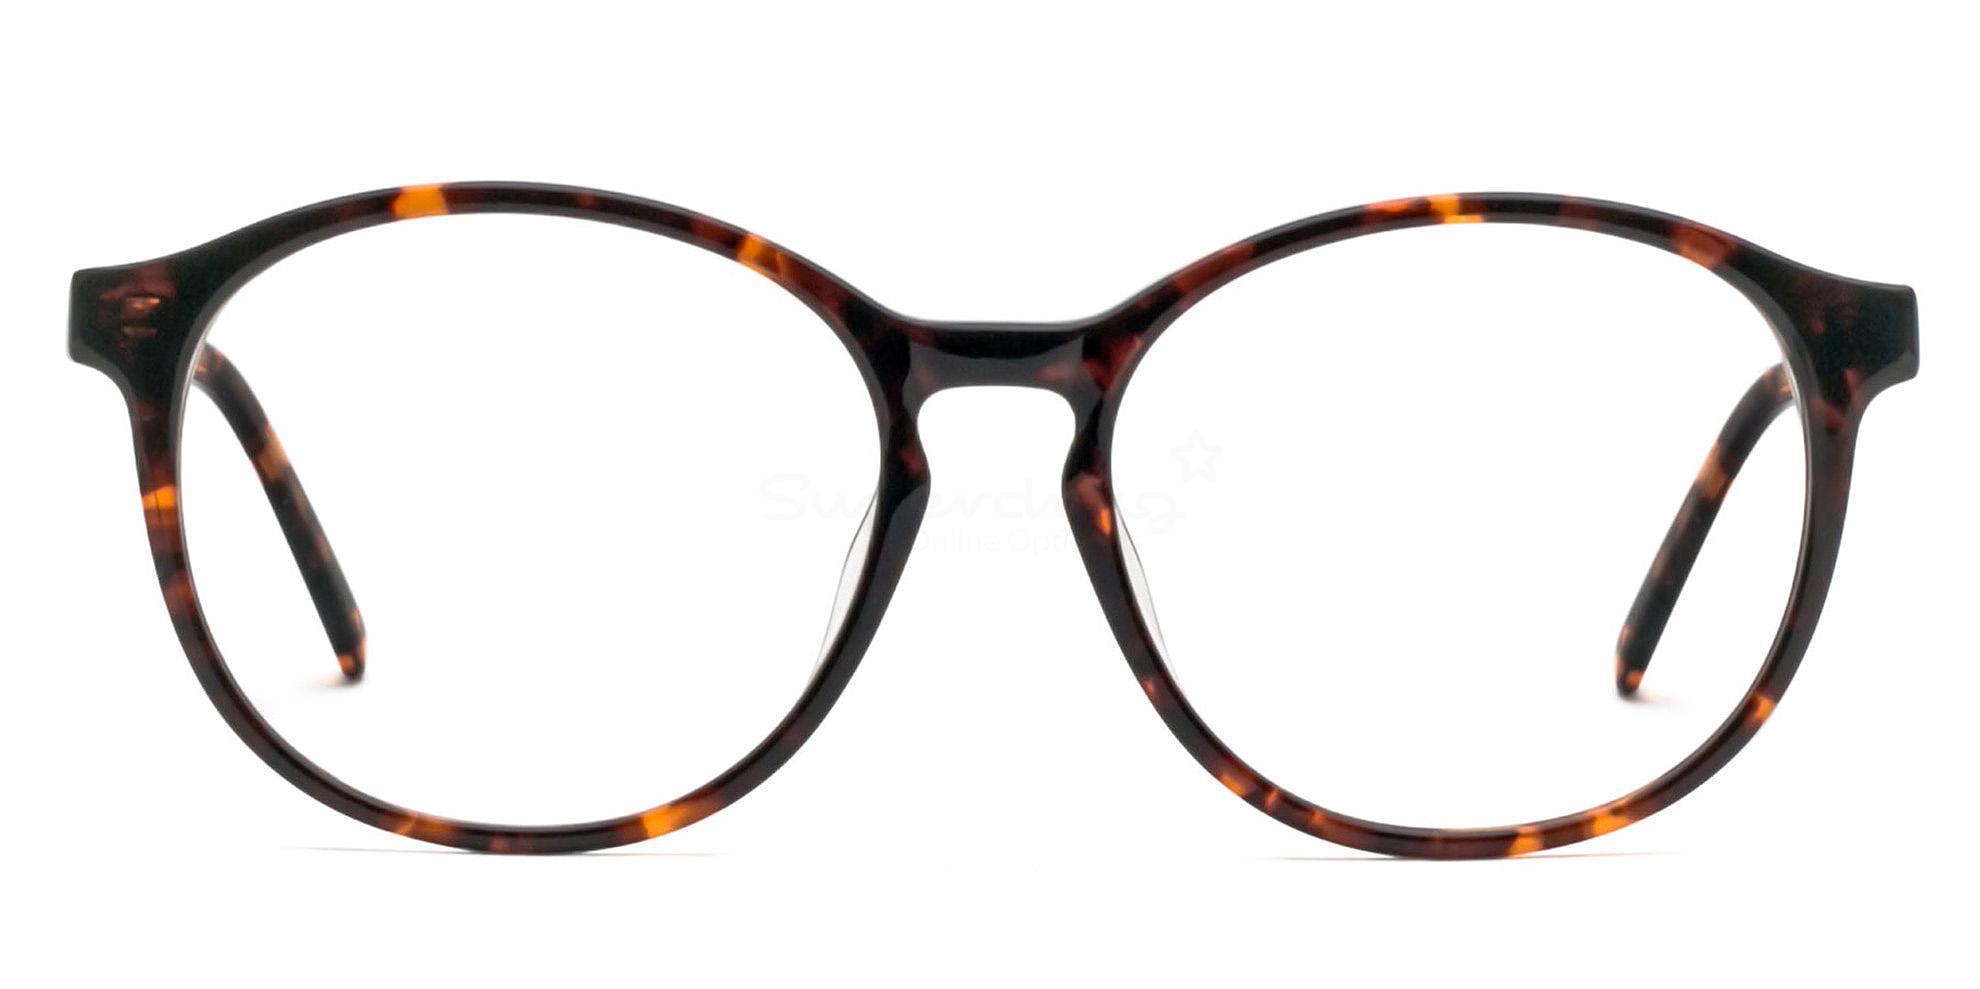 C08 H81076 Glasses, Immense